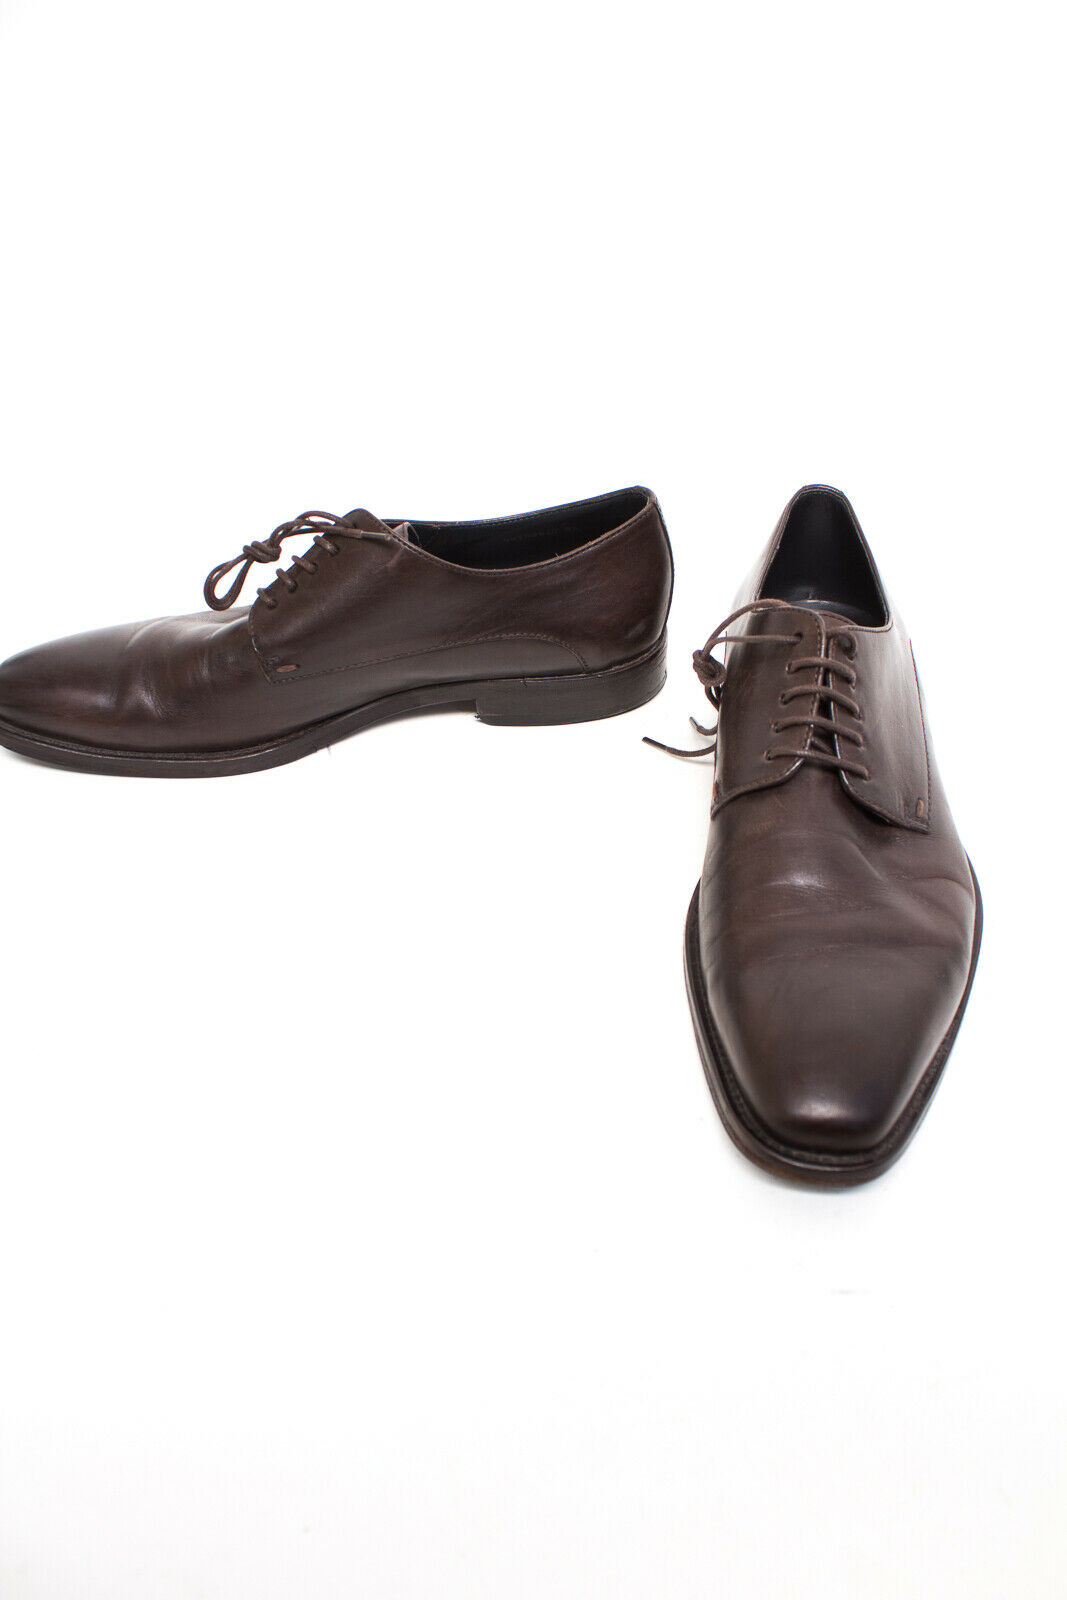 Hugo Boss zapatos caballero zapatos UE 42 schnürzapatos zapatos zapato bajo marrón de cuero